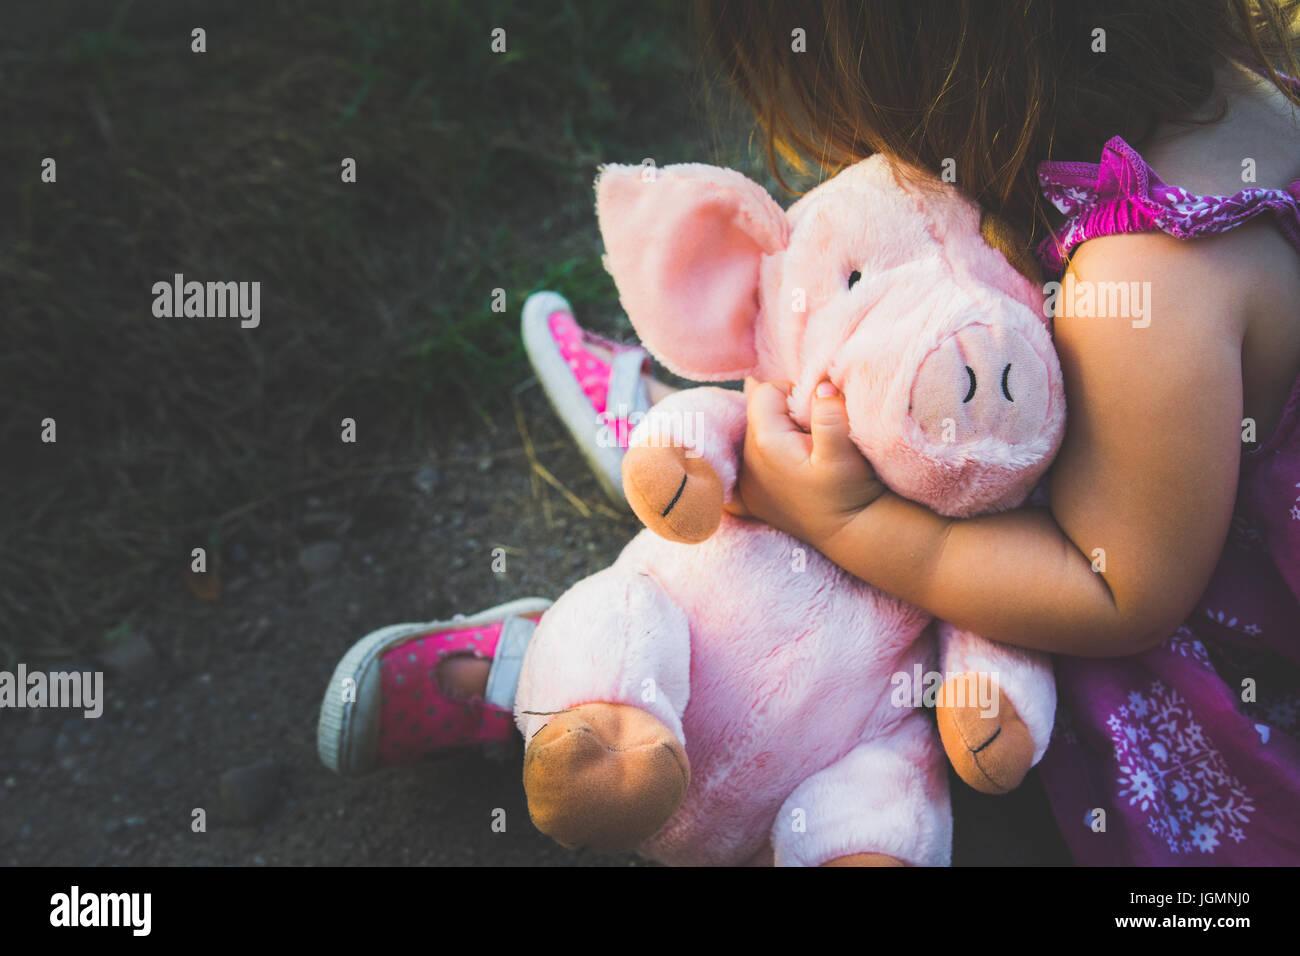 Un joven niño posee un cerdo de peluche rosa. Imagen De Stock